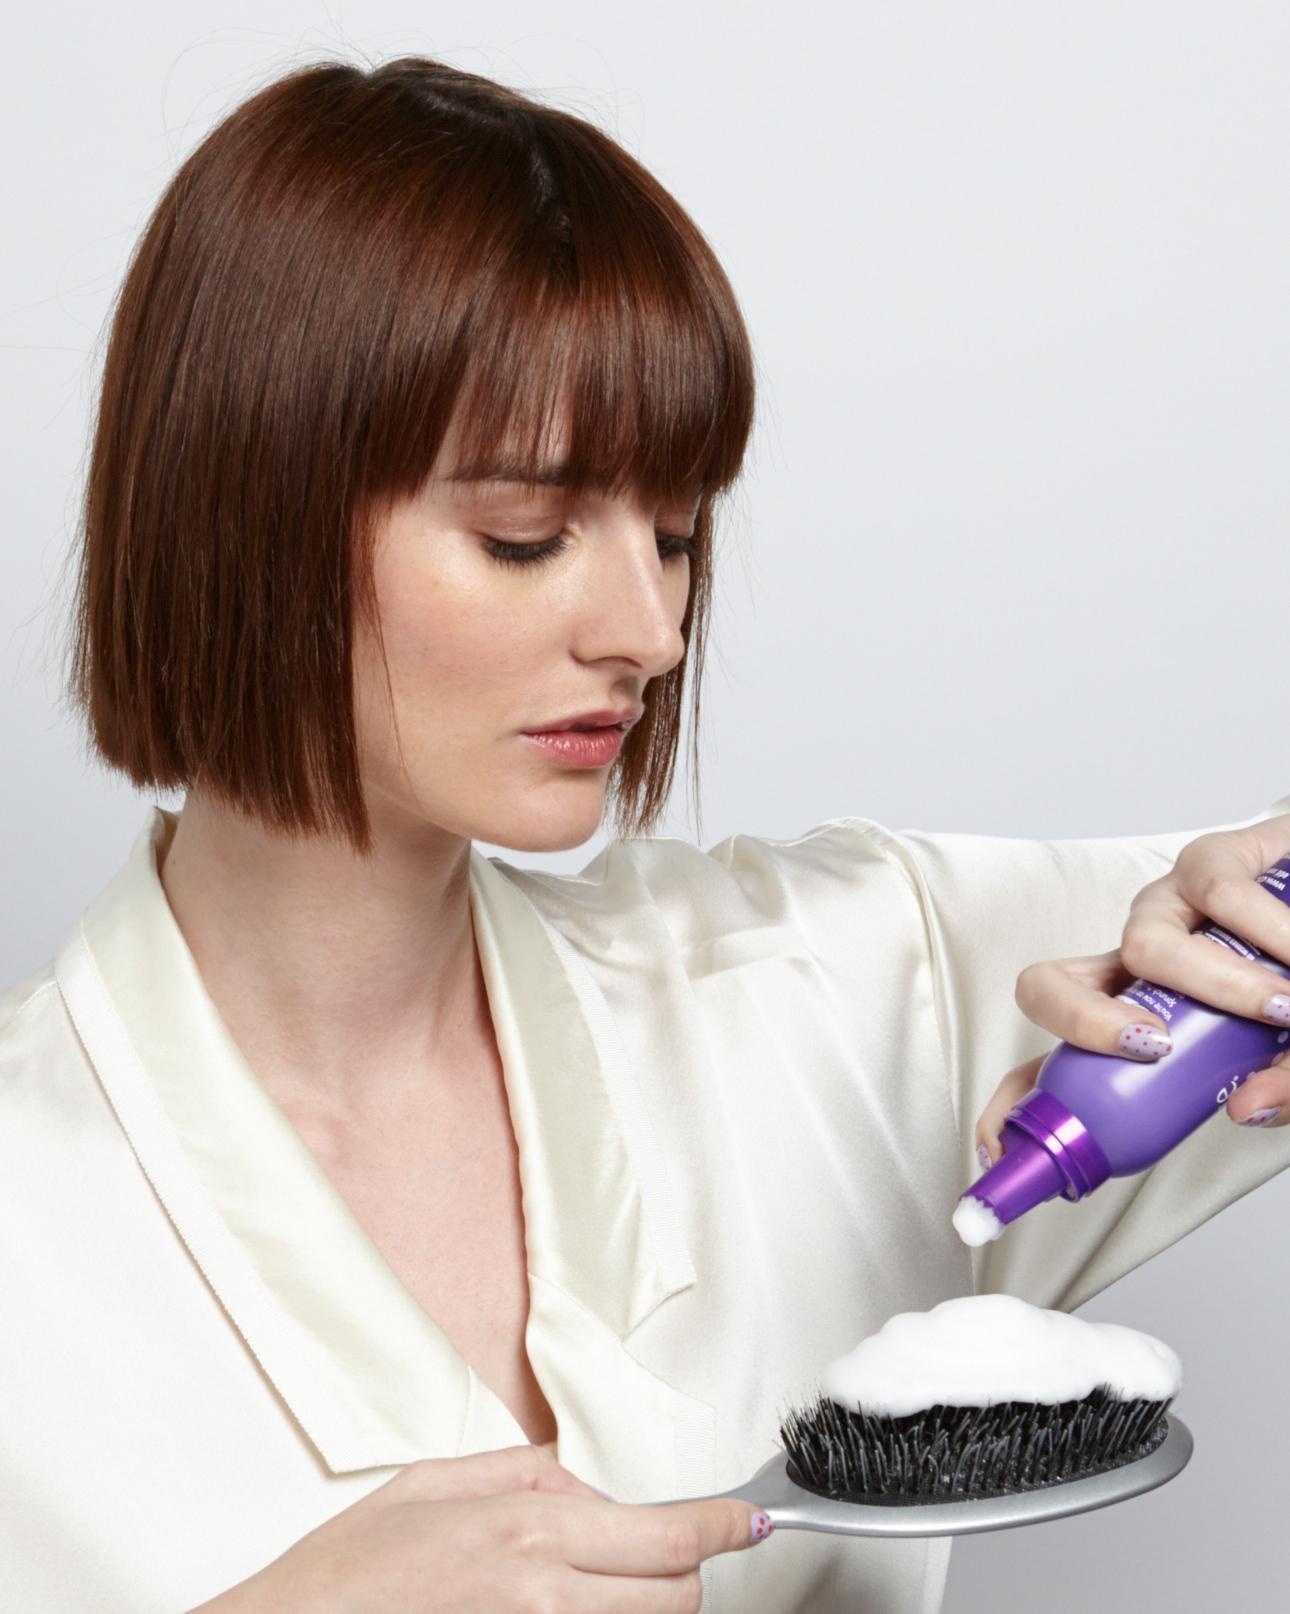 short-hair-head-band-step-1-5219-d111417-1014.jpg